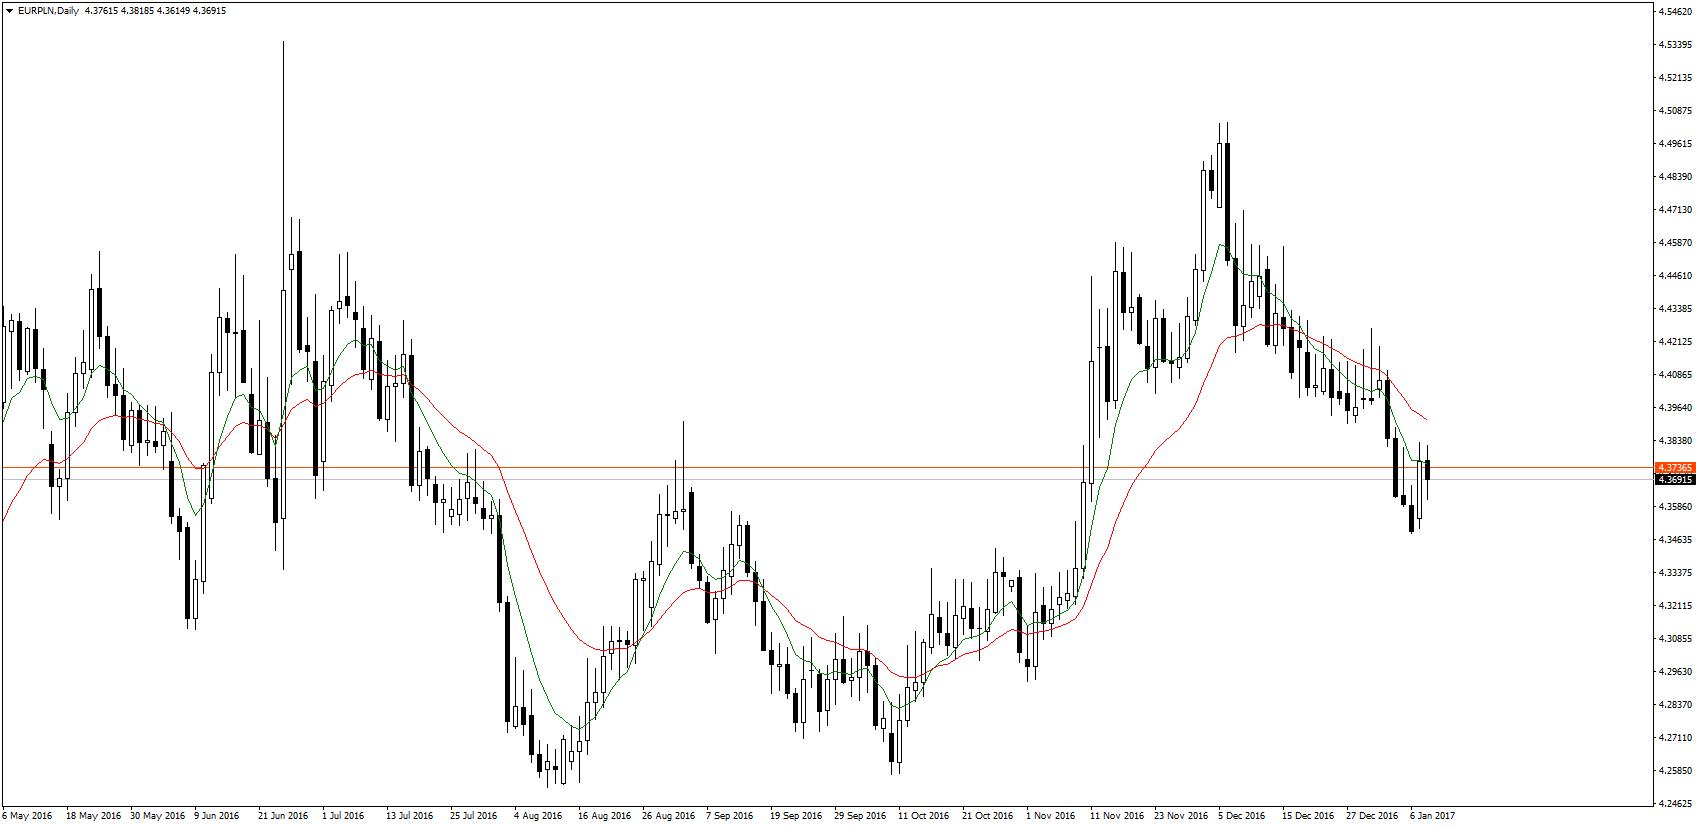 Po poniedziałkowej korekcie wzrostowej, na EUR/PLN znów przeważają niedźwiedzie. Test średniej ruchomej z ostatnich ośmiu sesji może wskazywać na kontynuację spadków EUR/PLN.